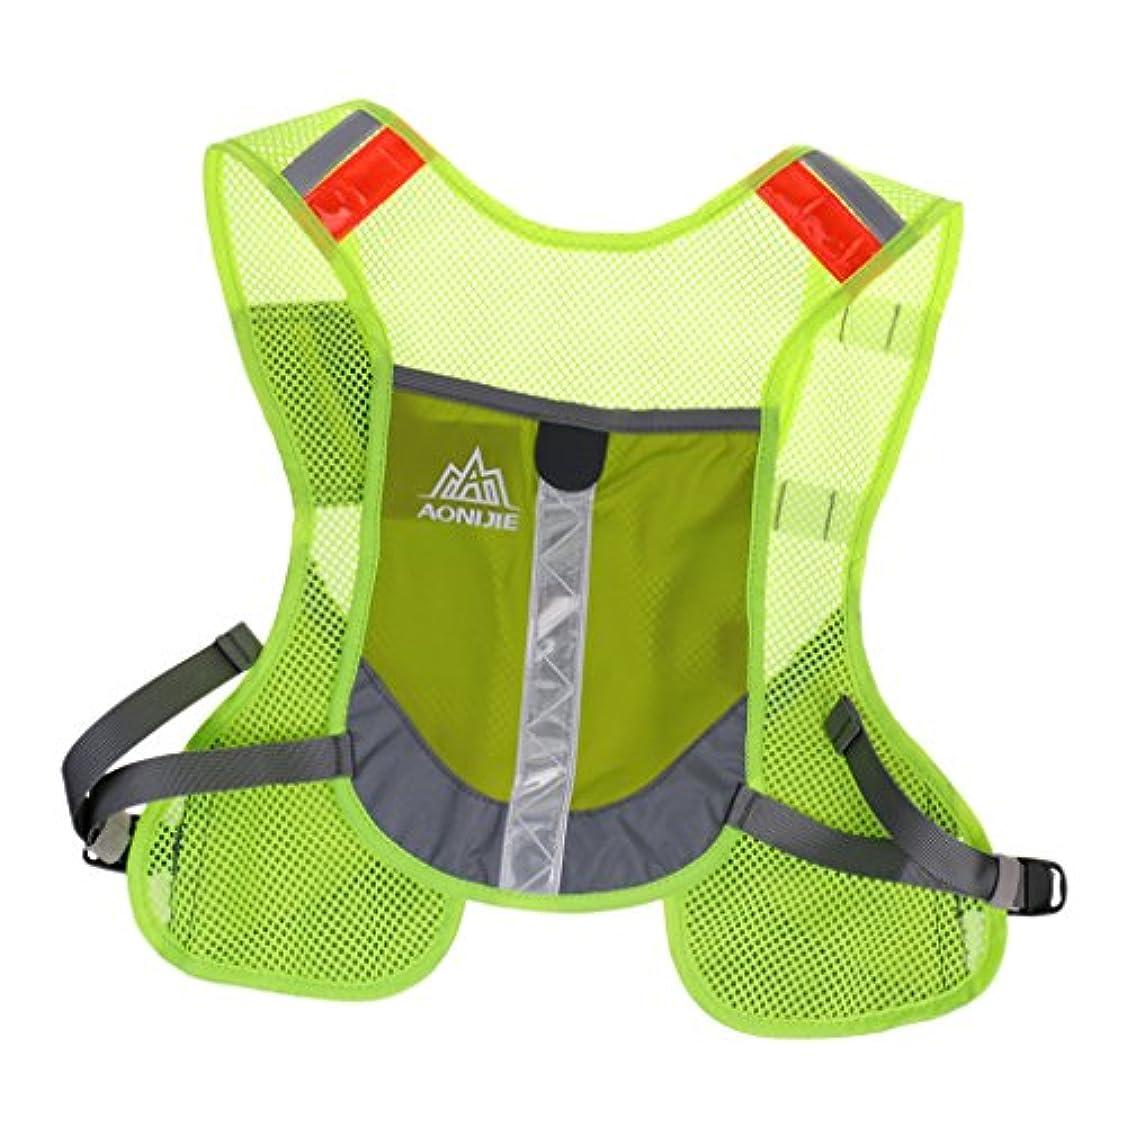 ねばねばとまり木甘いDYNWAVE ハイドレーションバッグ ベスト 反射ストリップ メッシュ 収納ポケット サイクリング 調節可